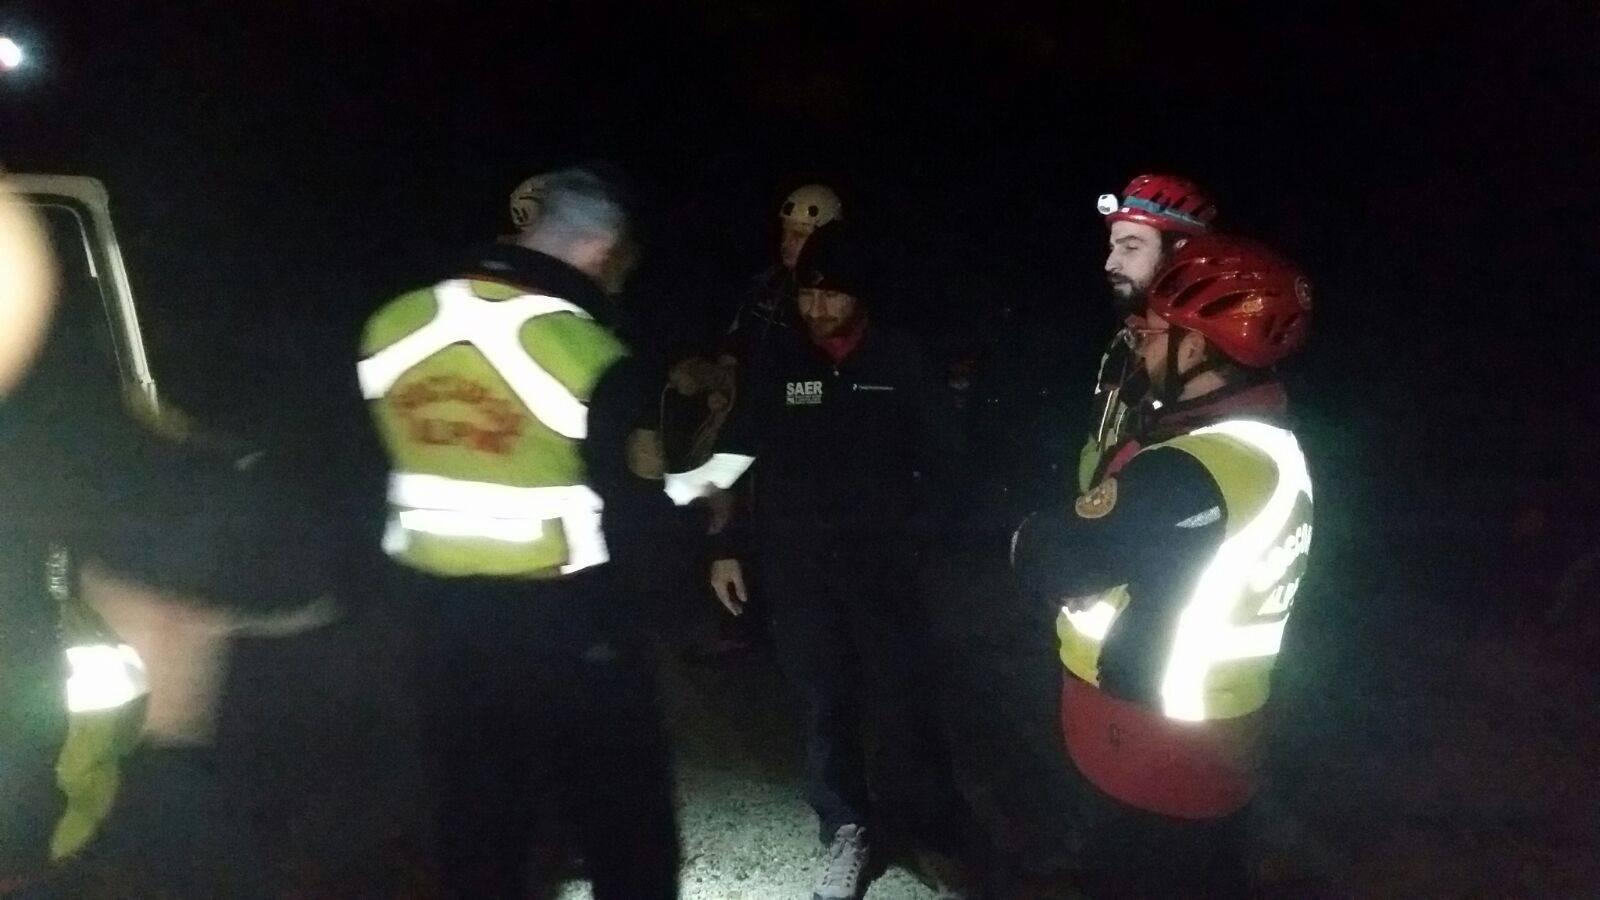 Escursionisti bloccati su parete a San Leo, interviene Soccorso Alpino